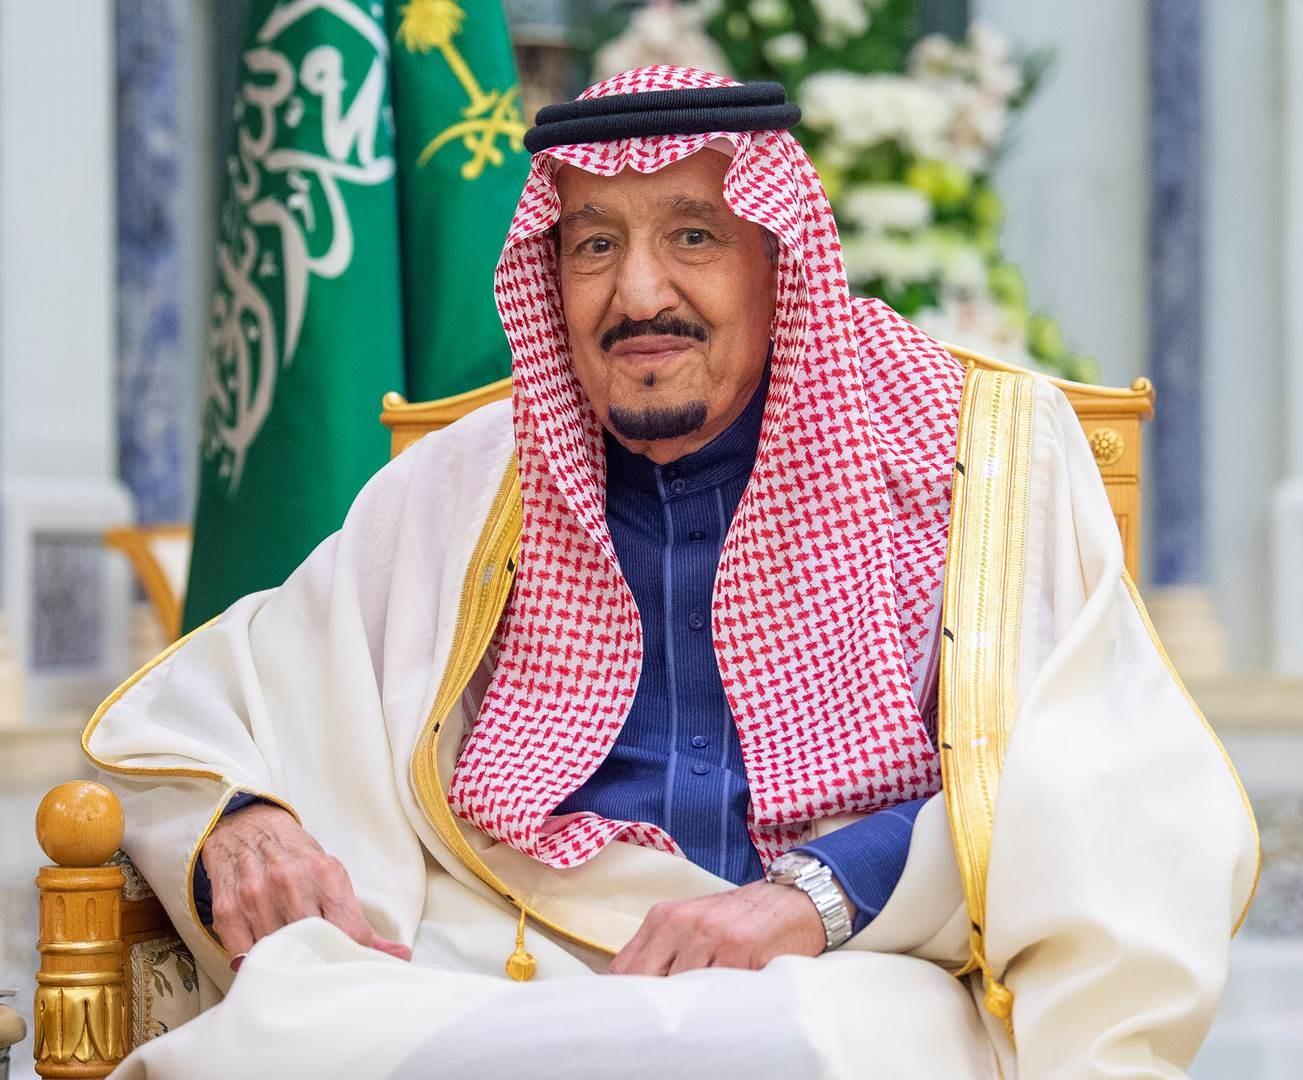 سلمان بن عبد العزيز يدخل إلى مستشفى الملك فيصل التخصصي بالرياض لإجراء بعض الفحوصات